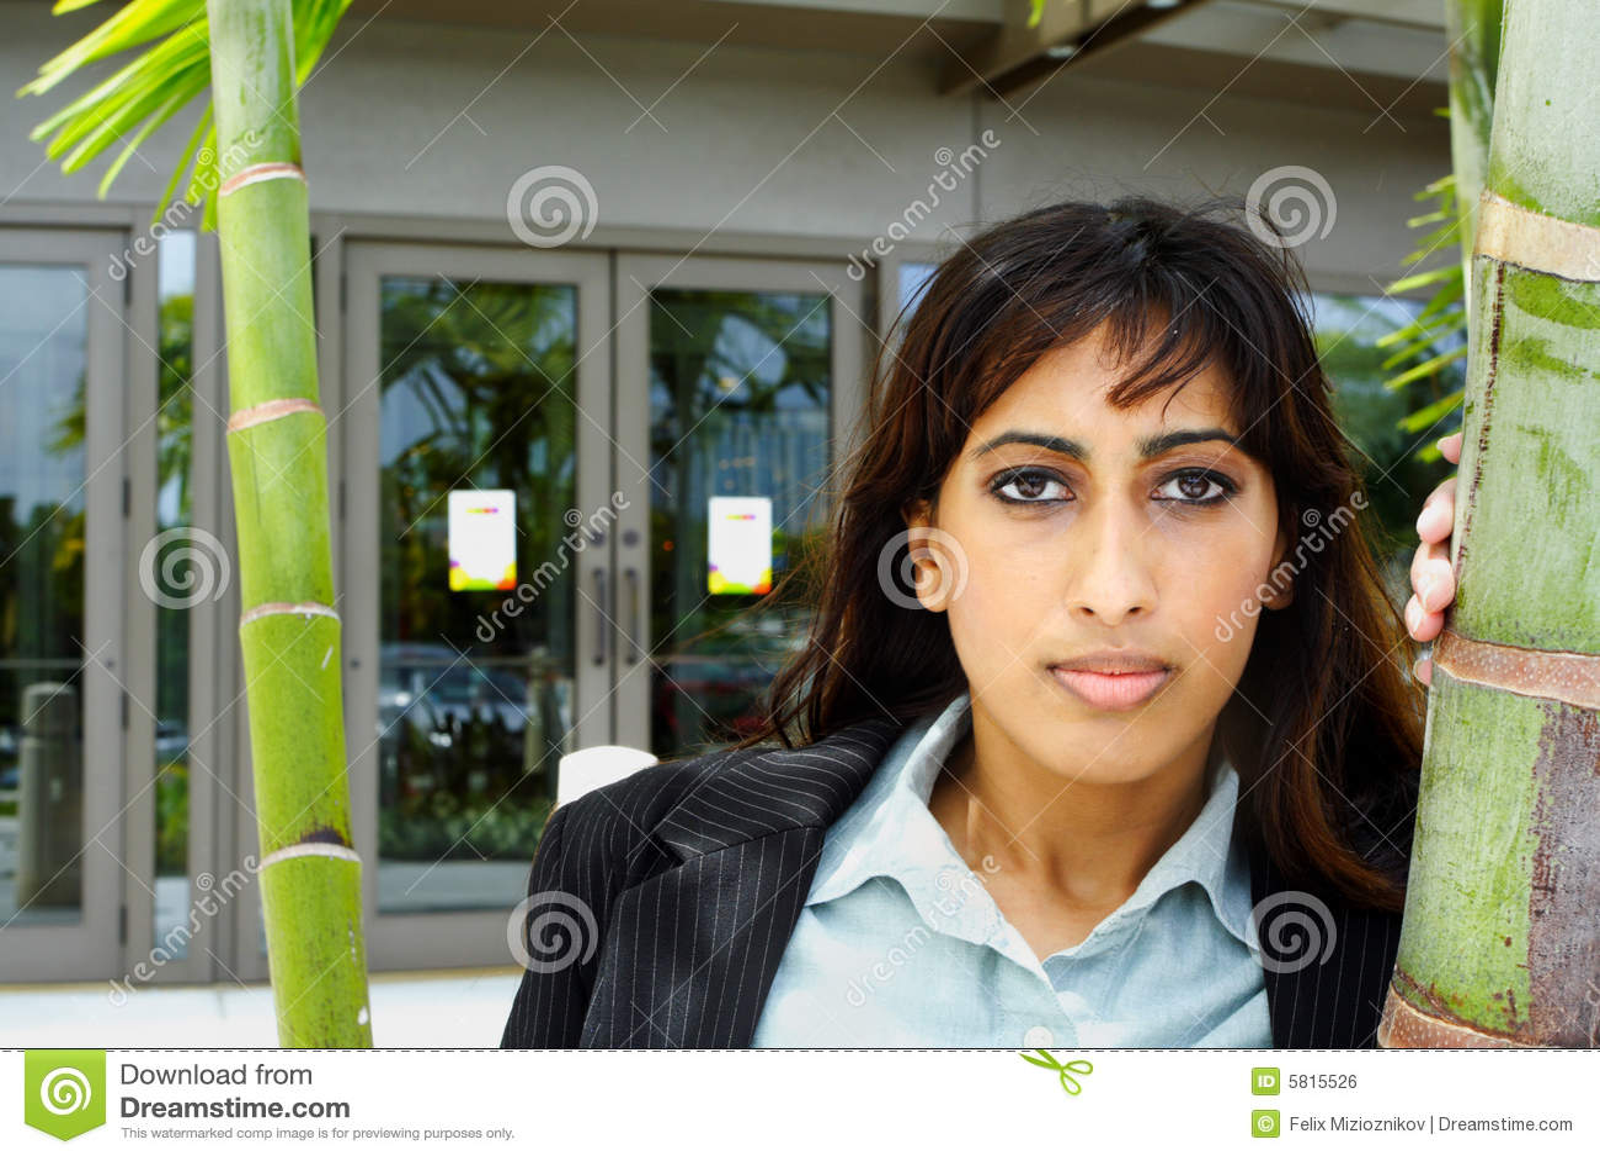 Islamic Female